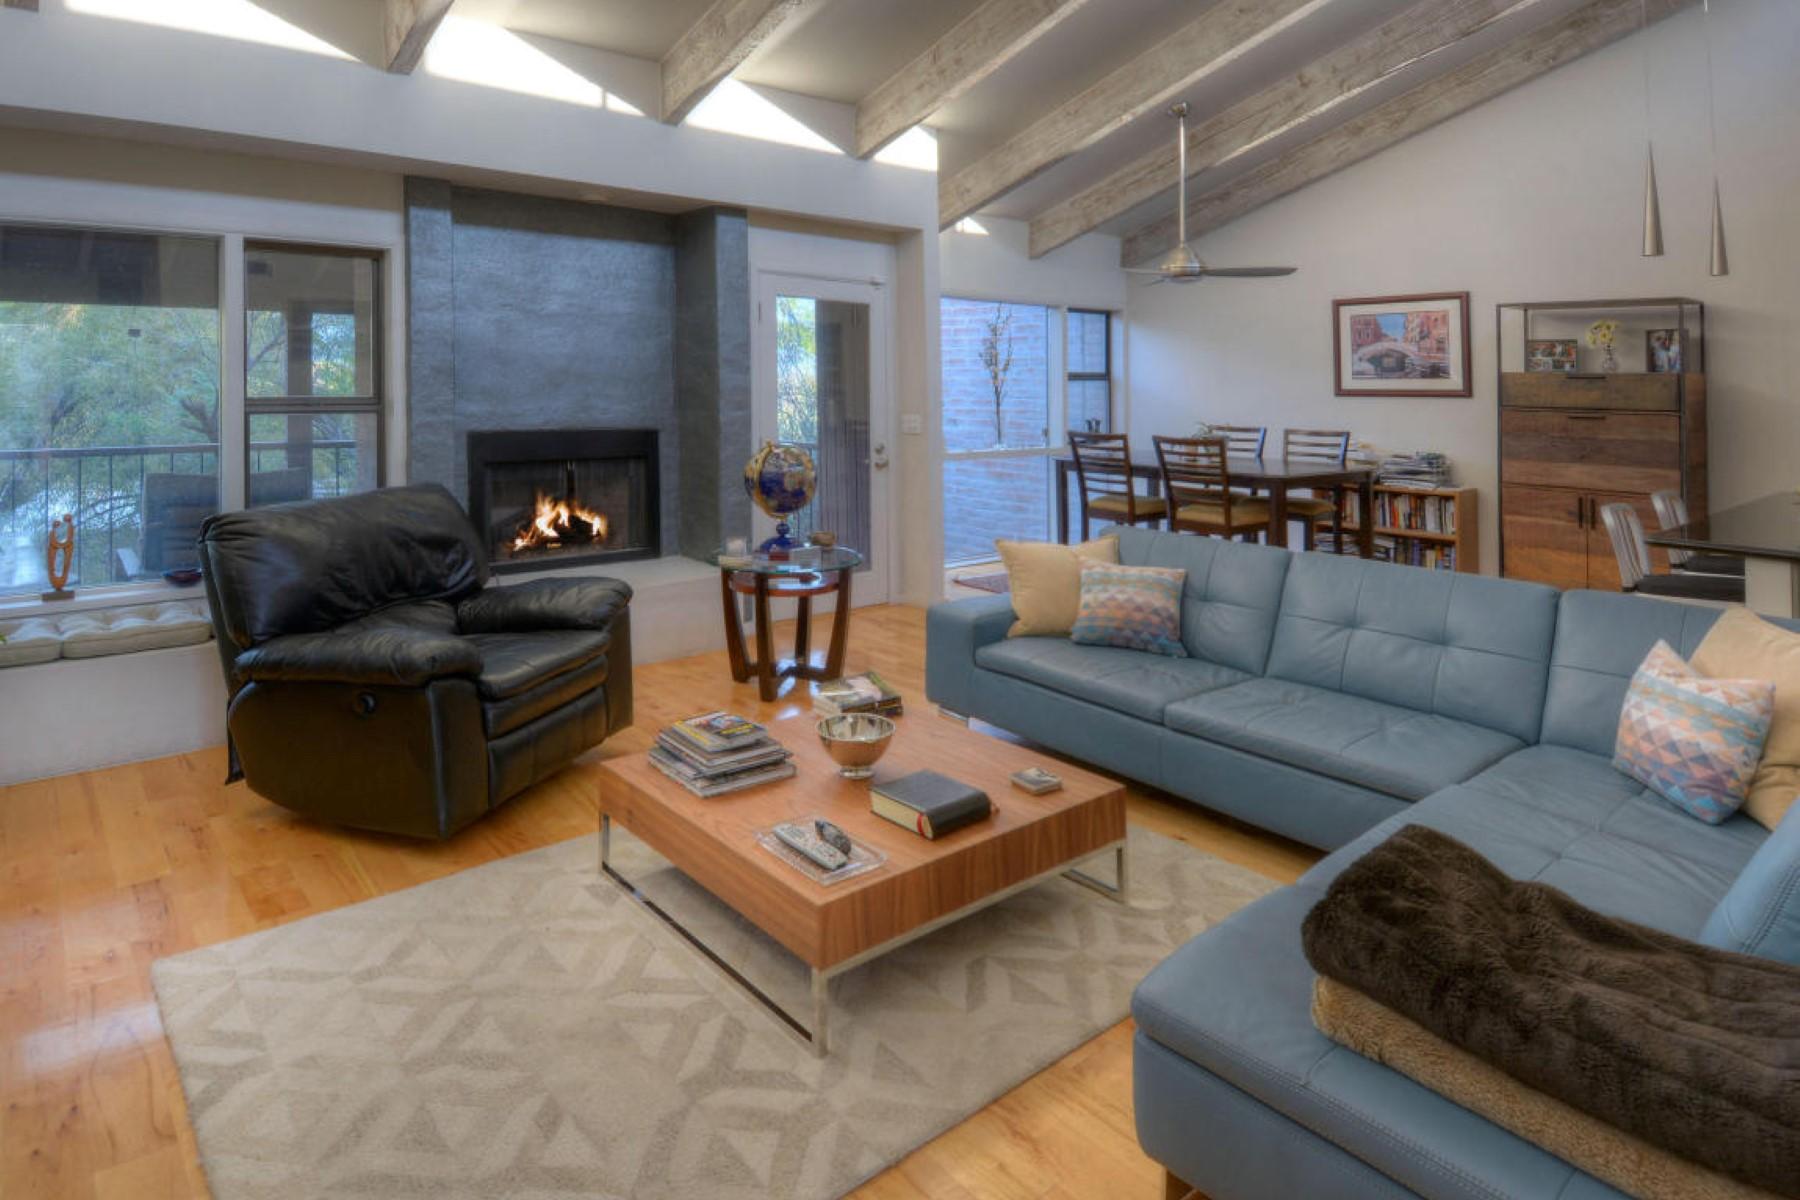 Частный односемейный дом для того Продажа на Stunning One-of-a-Kind Designer Perfect End Unit. 1948 E Campbell Terrace E Tucson, Аризона 85718 Соединенные Штаты